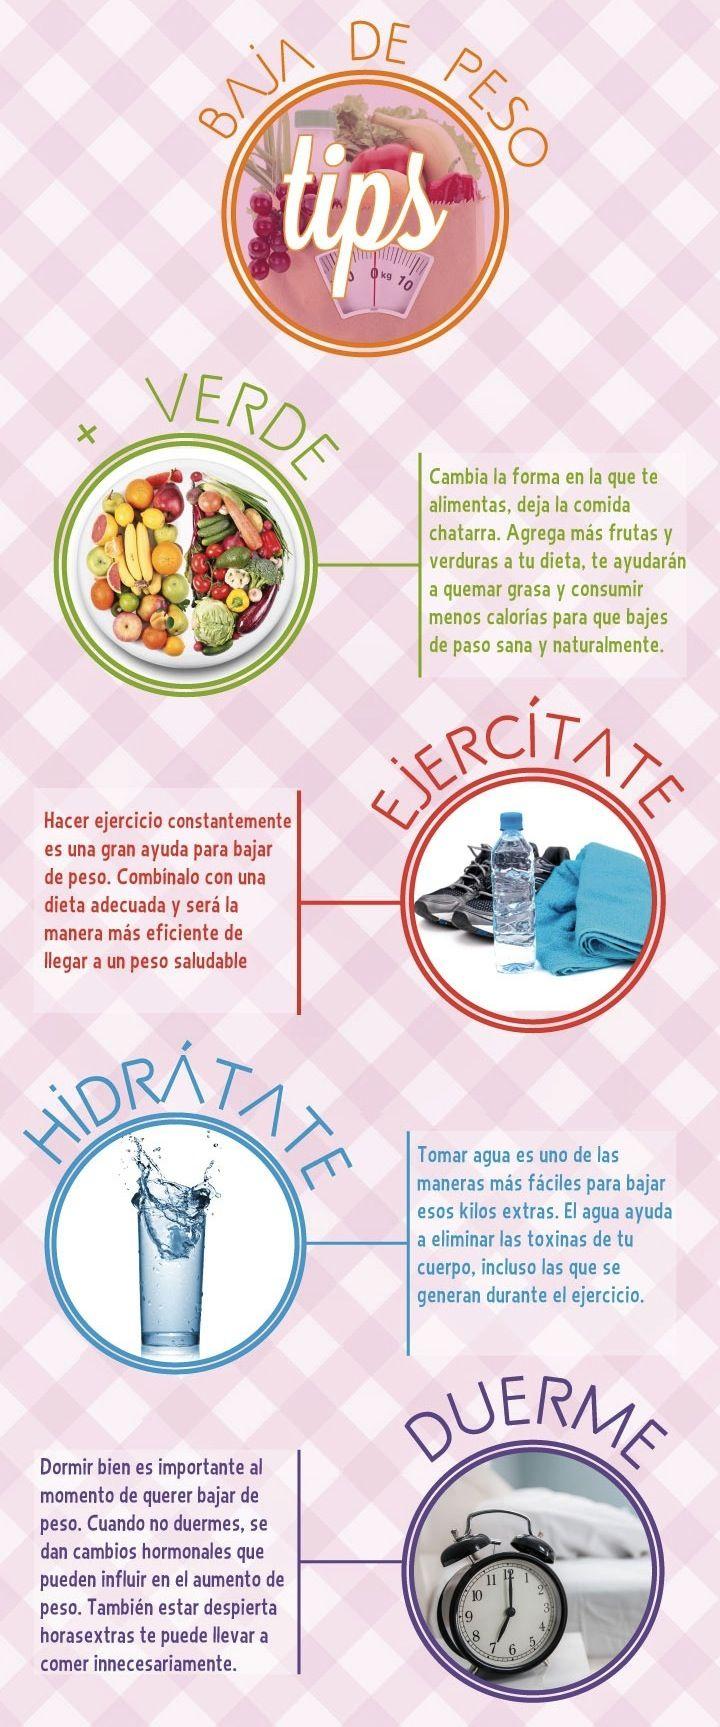 Tips para bajar de peso y mejorar la salud